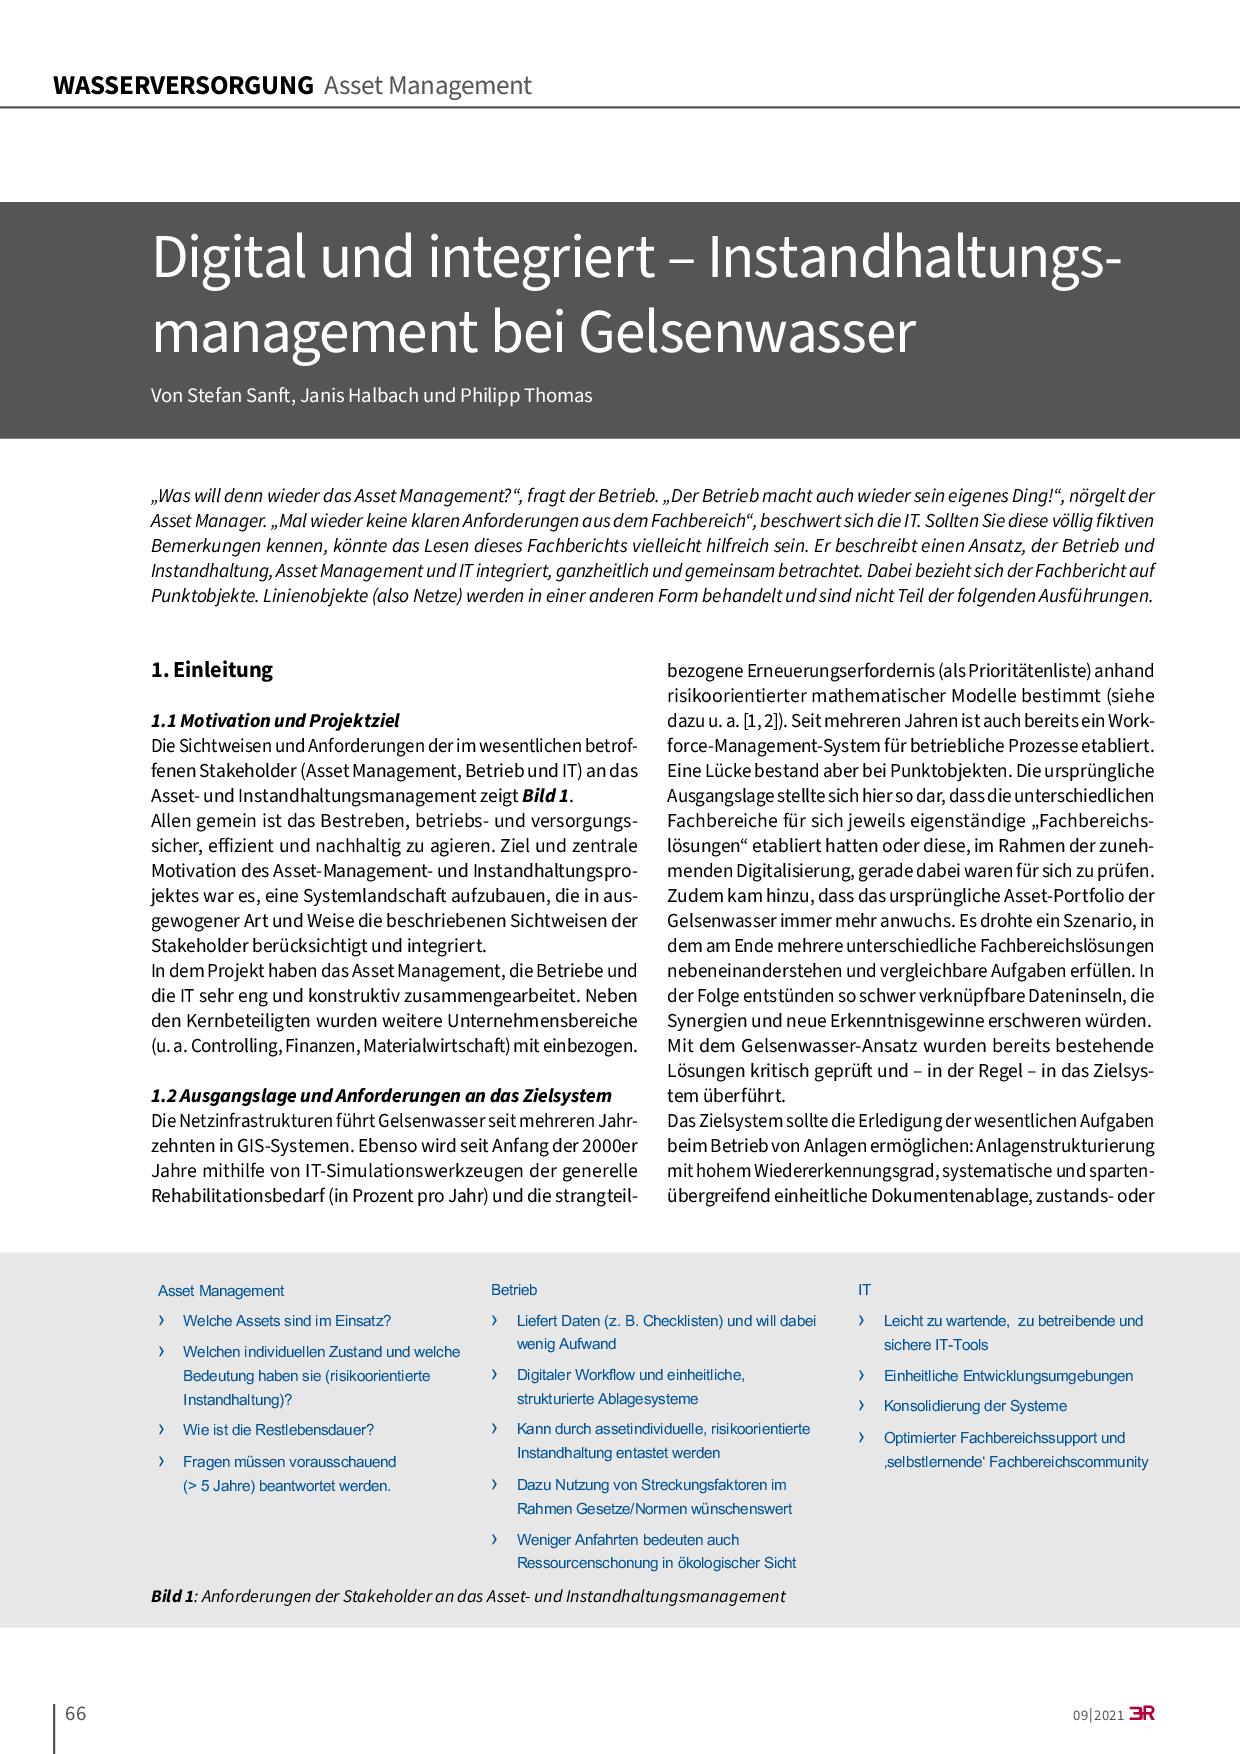 Digital und integriert – Instandhaltungsmanagement bei Gelsenwasser